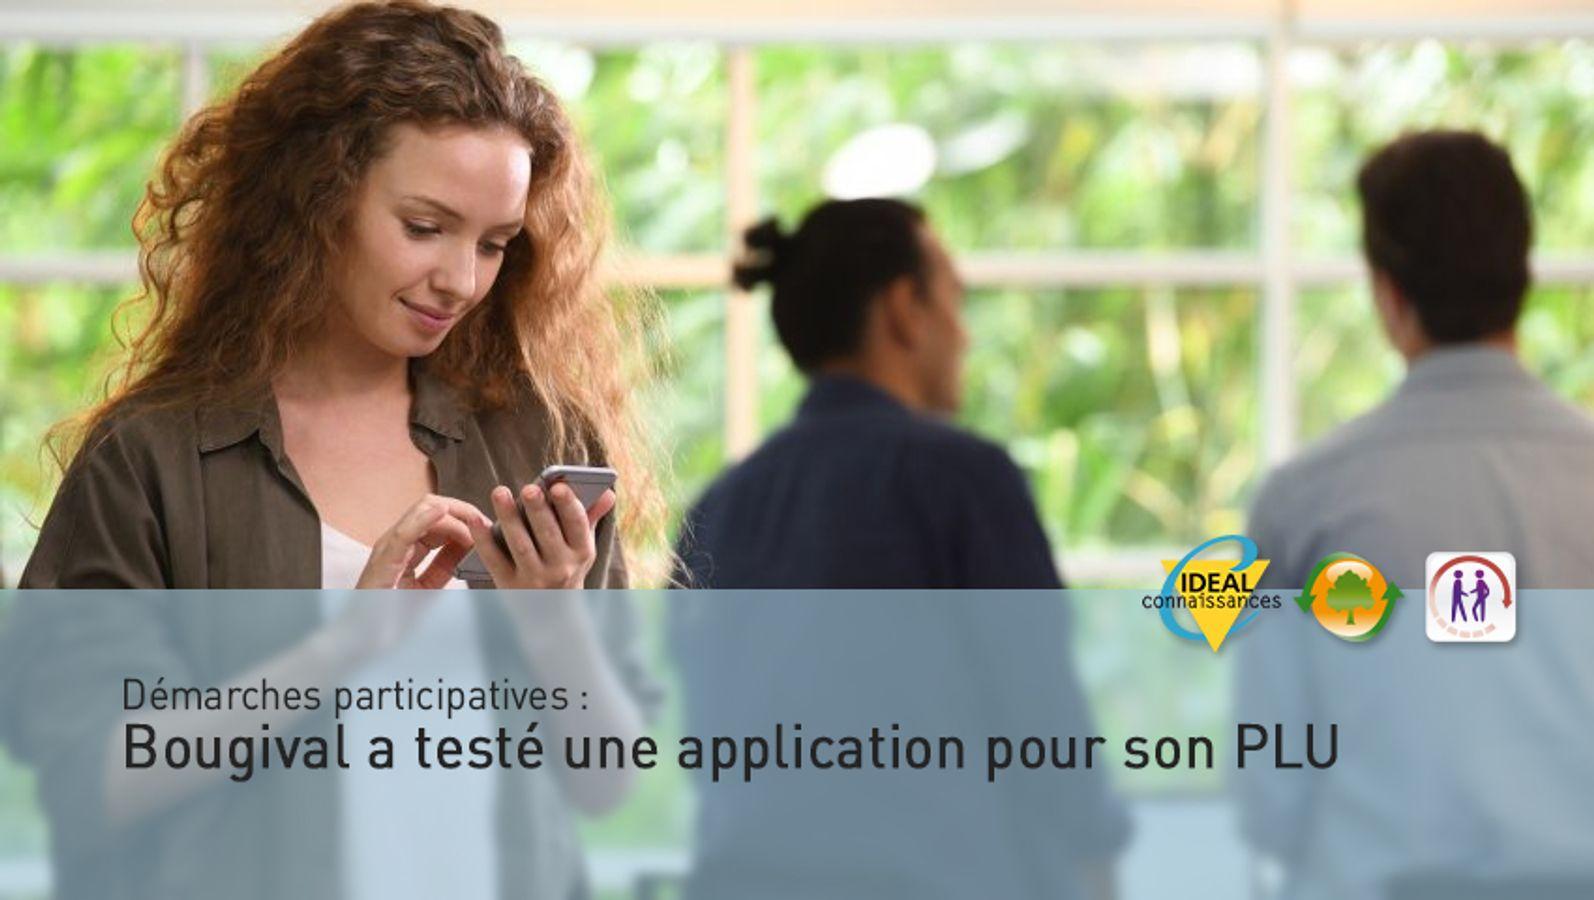 Démarches participatives : Bougival a testé une application pour son PLU